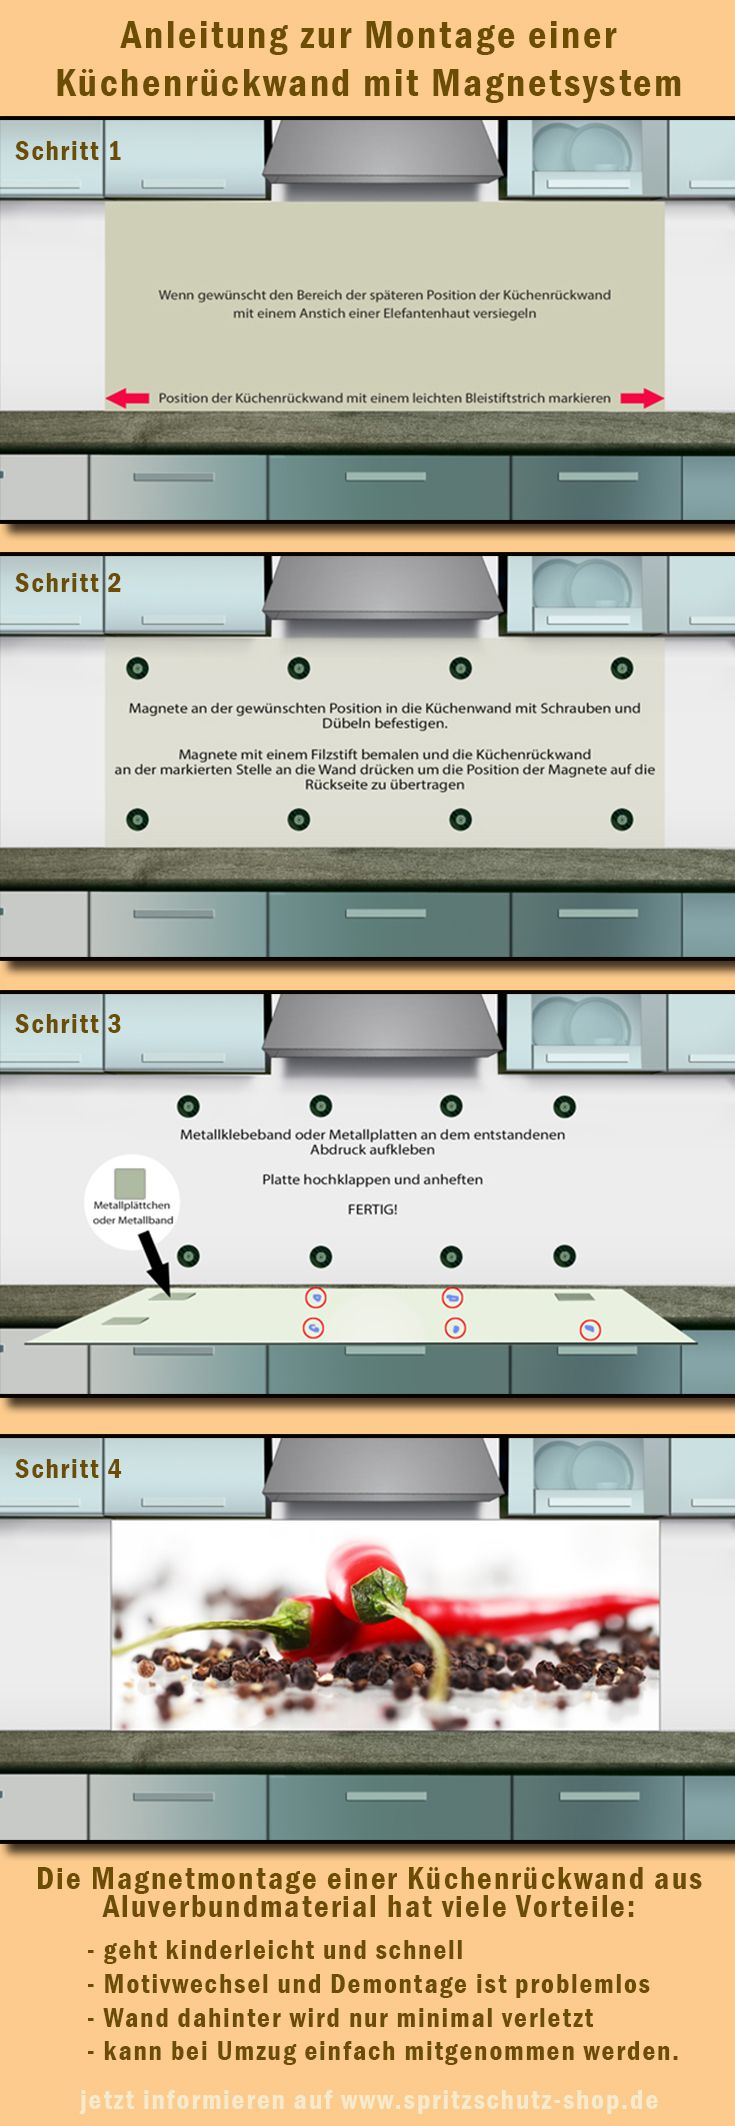 einfache k chenr ckwand montage mit magneten einfache schnelle kinderleichte montage mit. Black Bedroom Furniture Sets. Home Design Ideas